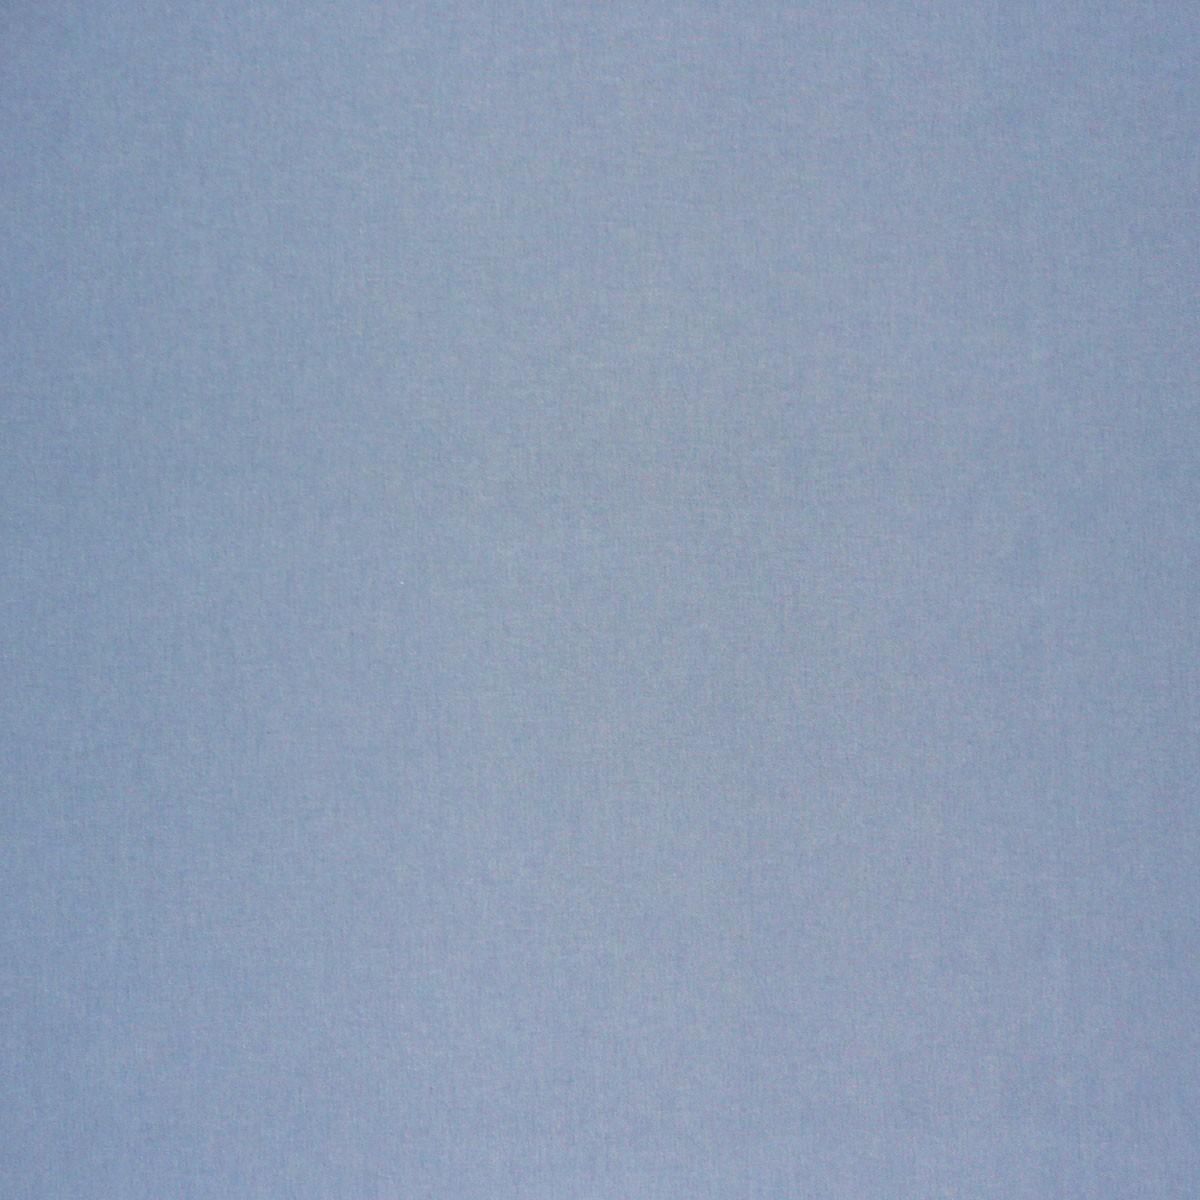 Outdoorstoff Markisenstoff Gartenmöbelstoff Toldo uni blau 160cm breit